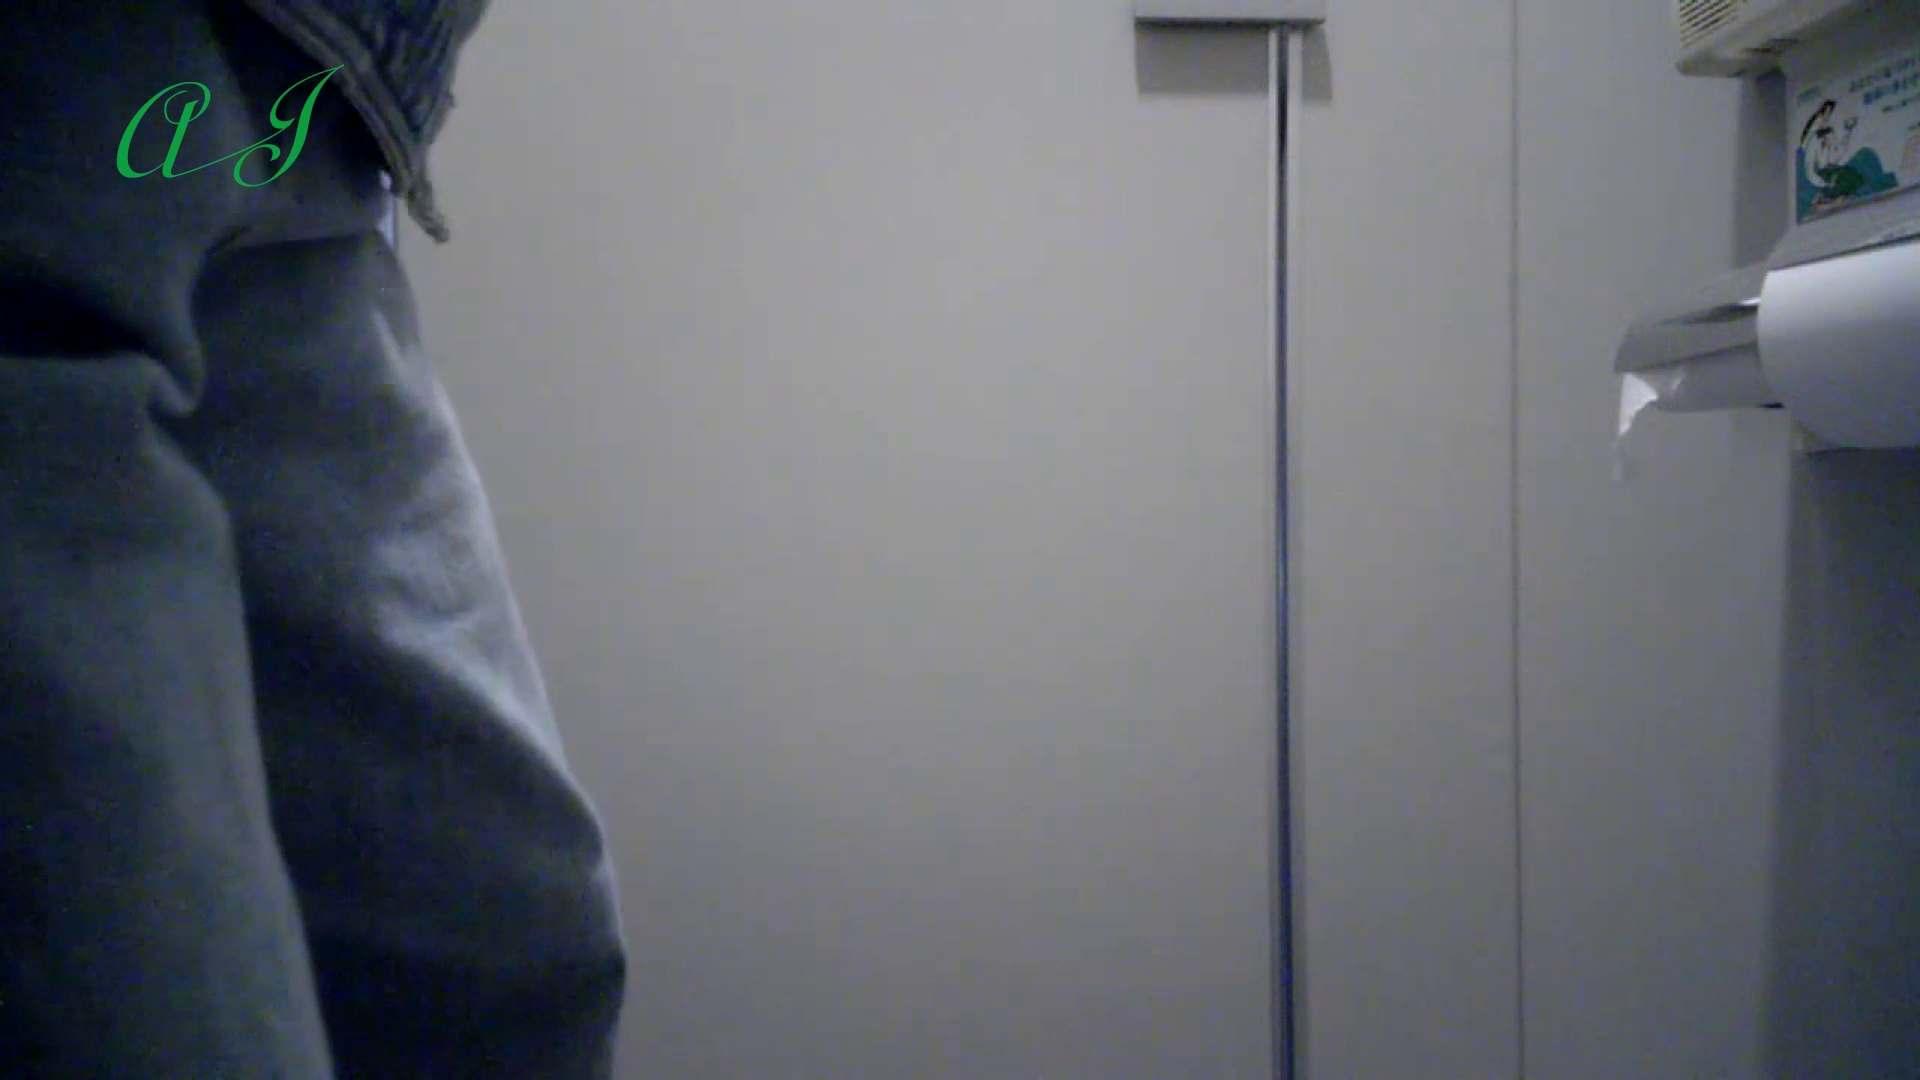 有名大学女性洗面所 vol.59 新アングル追加!相変わらずの美女率!! 排泄 おまんこ無修正動画無料 92枚 41